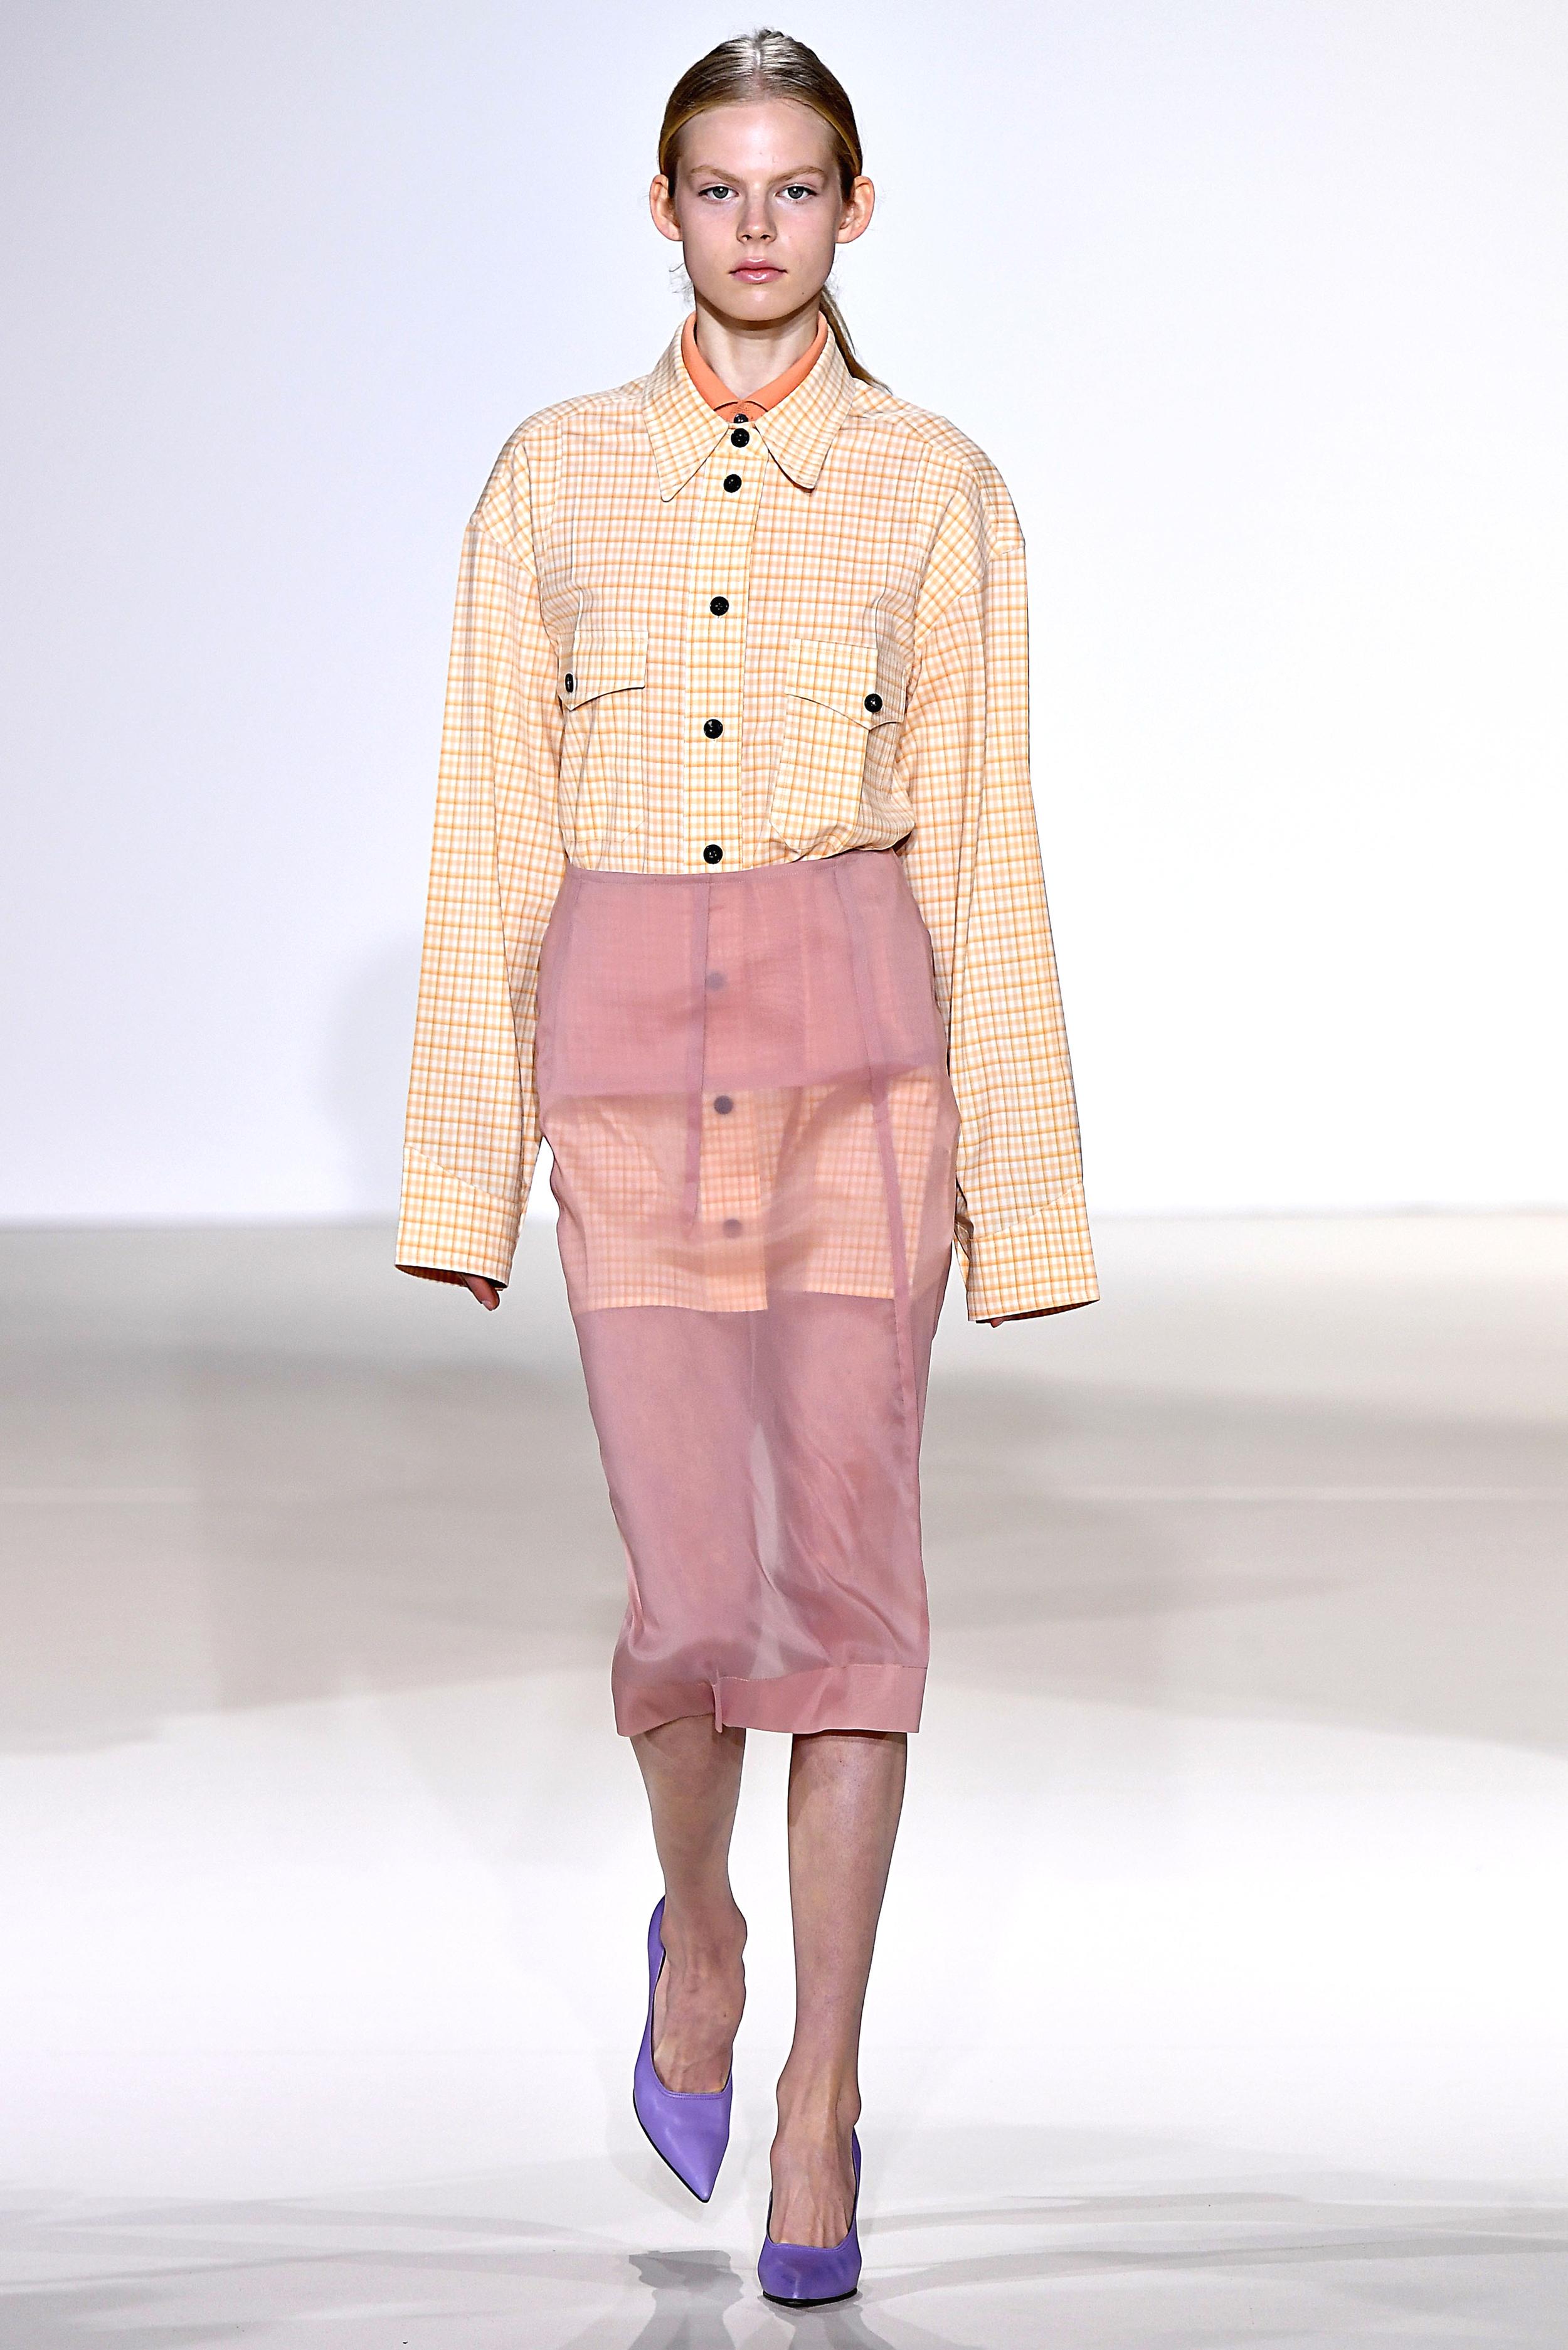 New York Fashion Week Spring/Summer 2018: Ein Model mit durchsichtigem Rock in der Show von Victoria Beckham